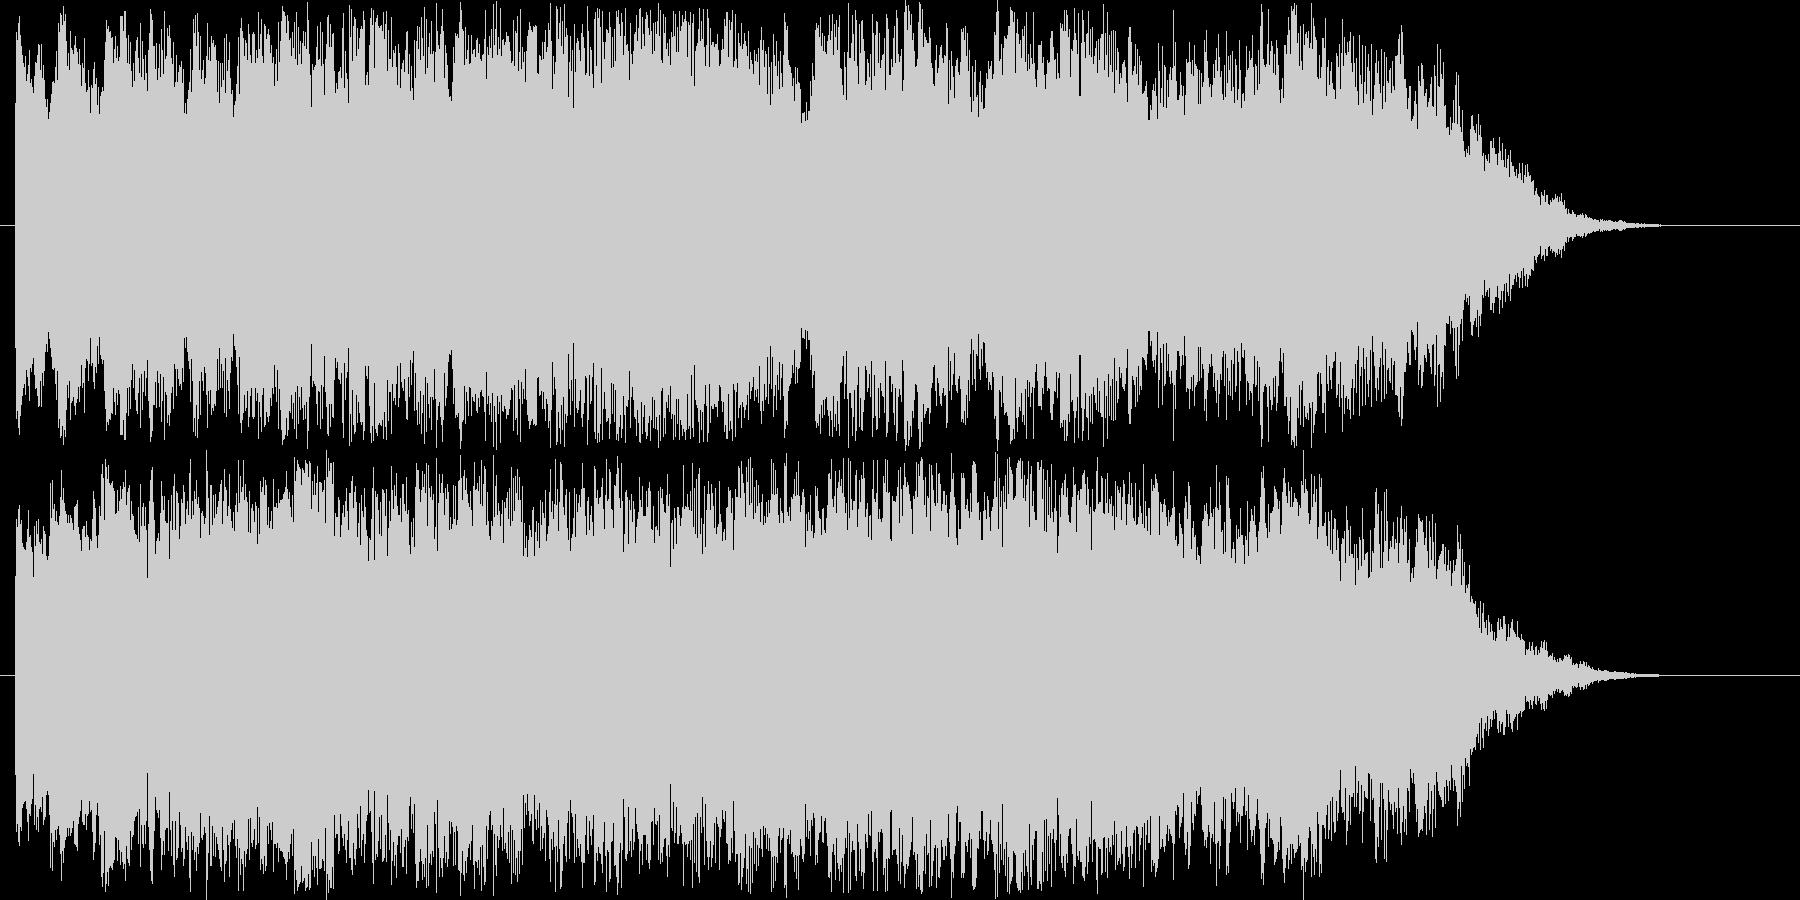 新幹線のチャイム風オリジナルチャイムの未再生の波形